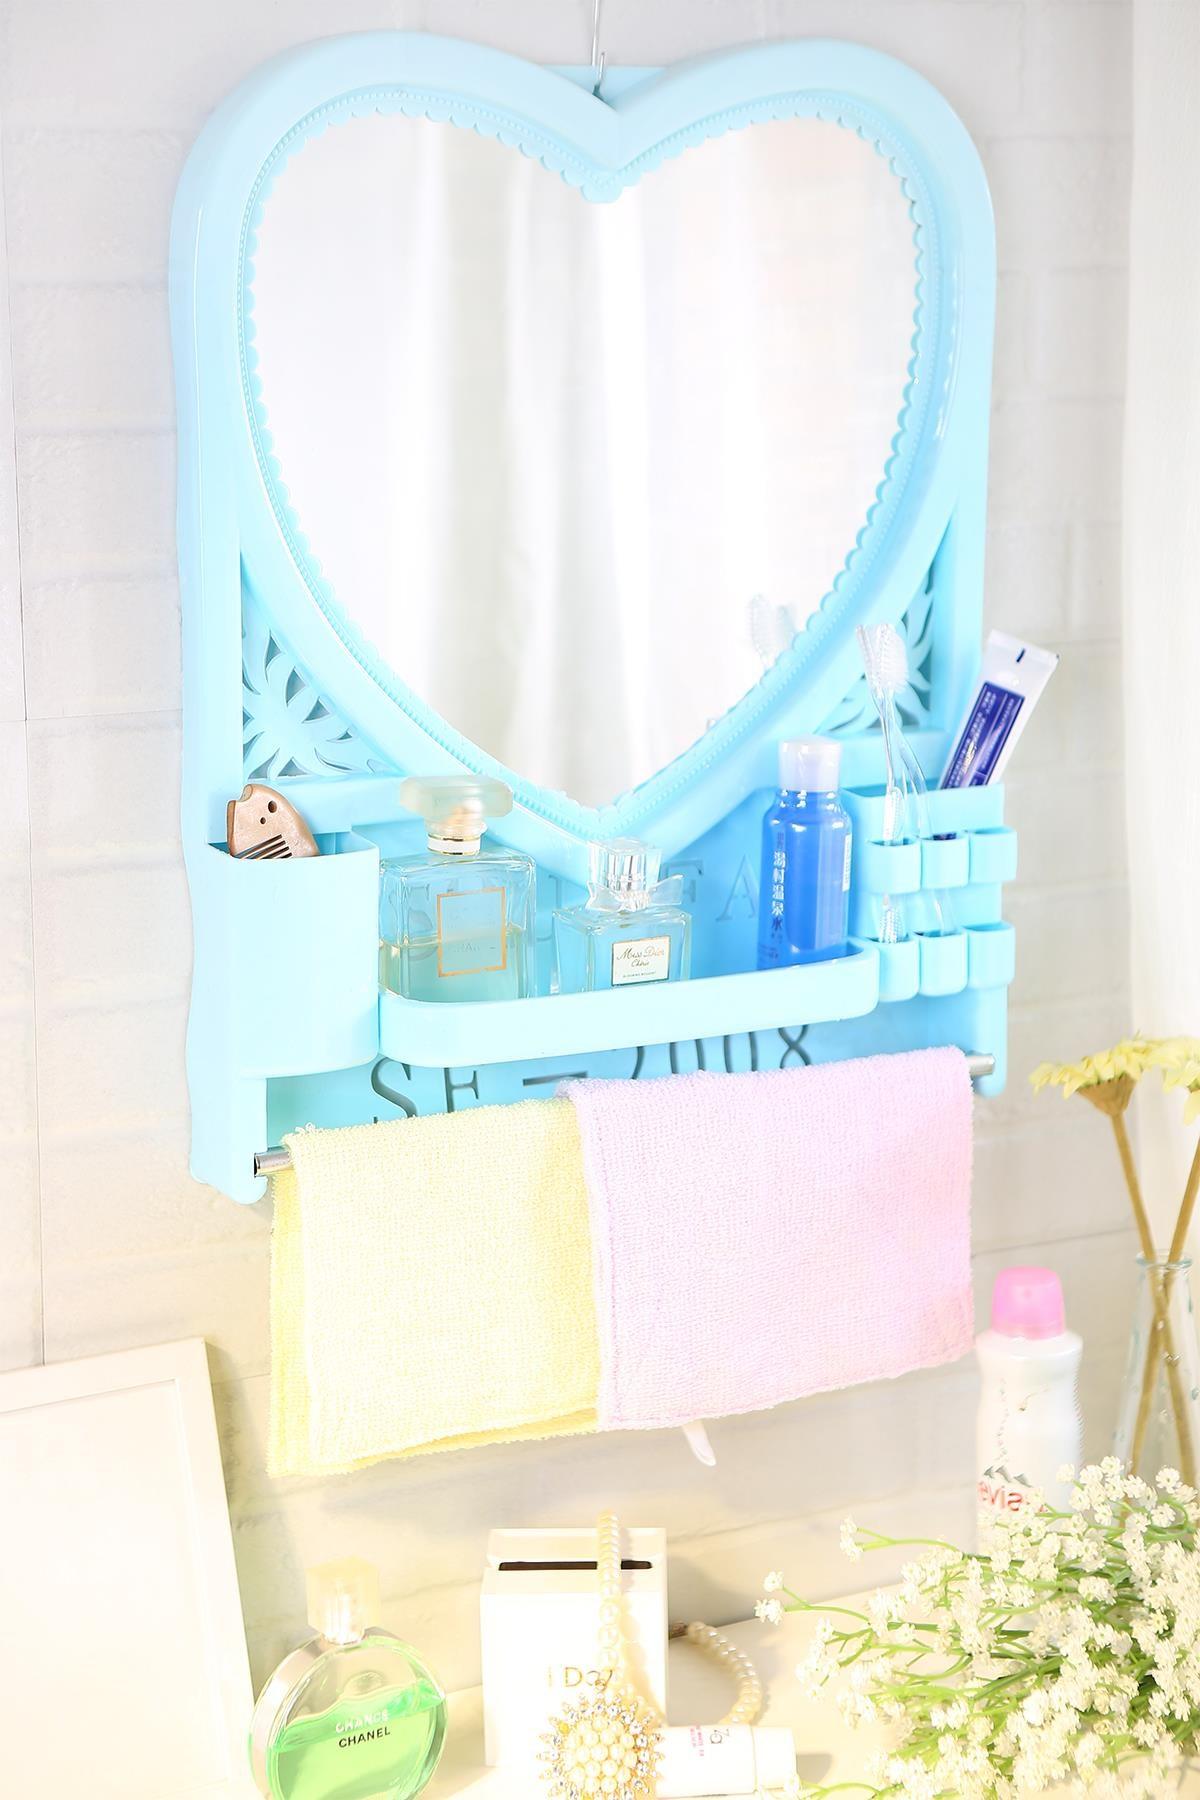 带置物架用镜子 塑料化妆美容浴室镜 壁挂墙镜子 卧室梳妆镜